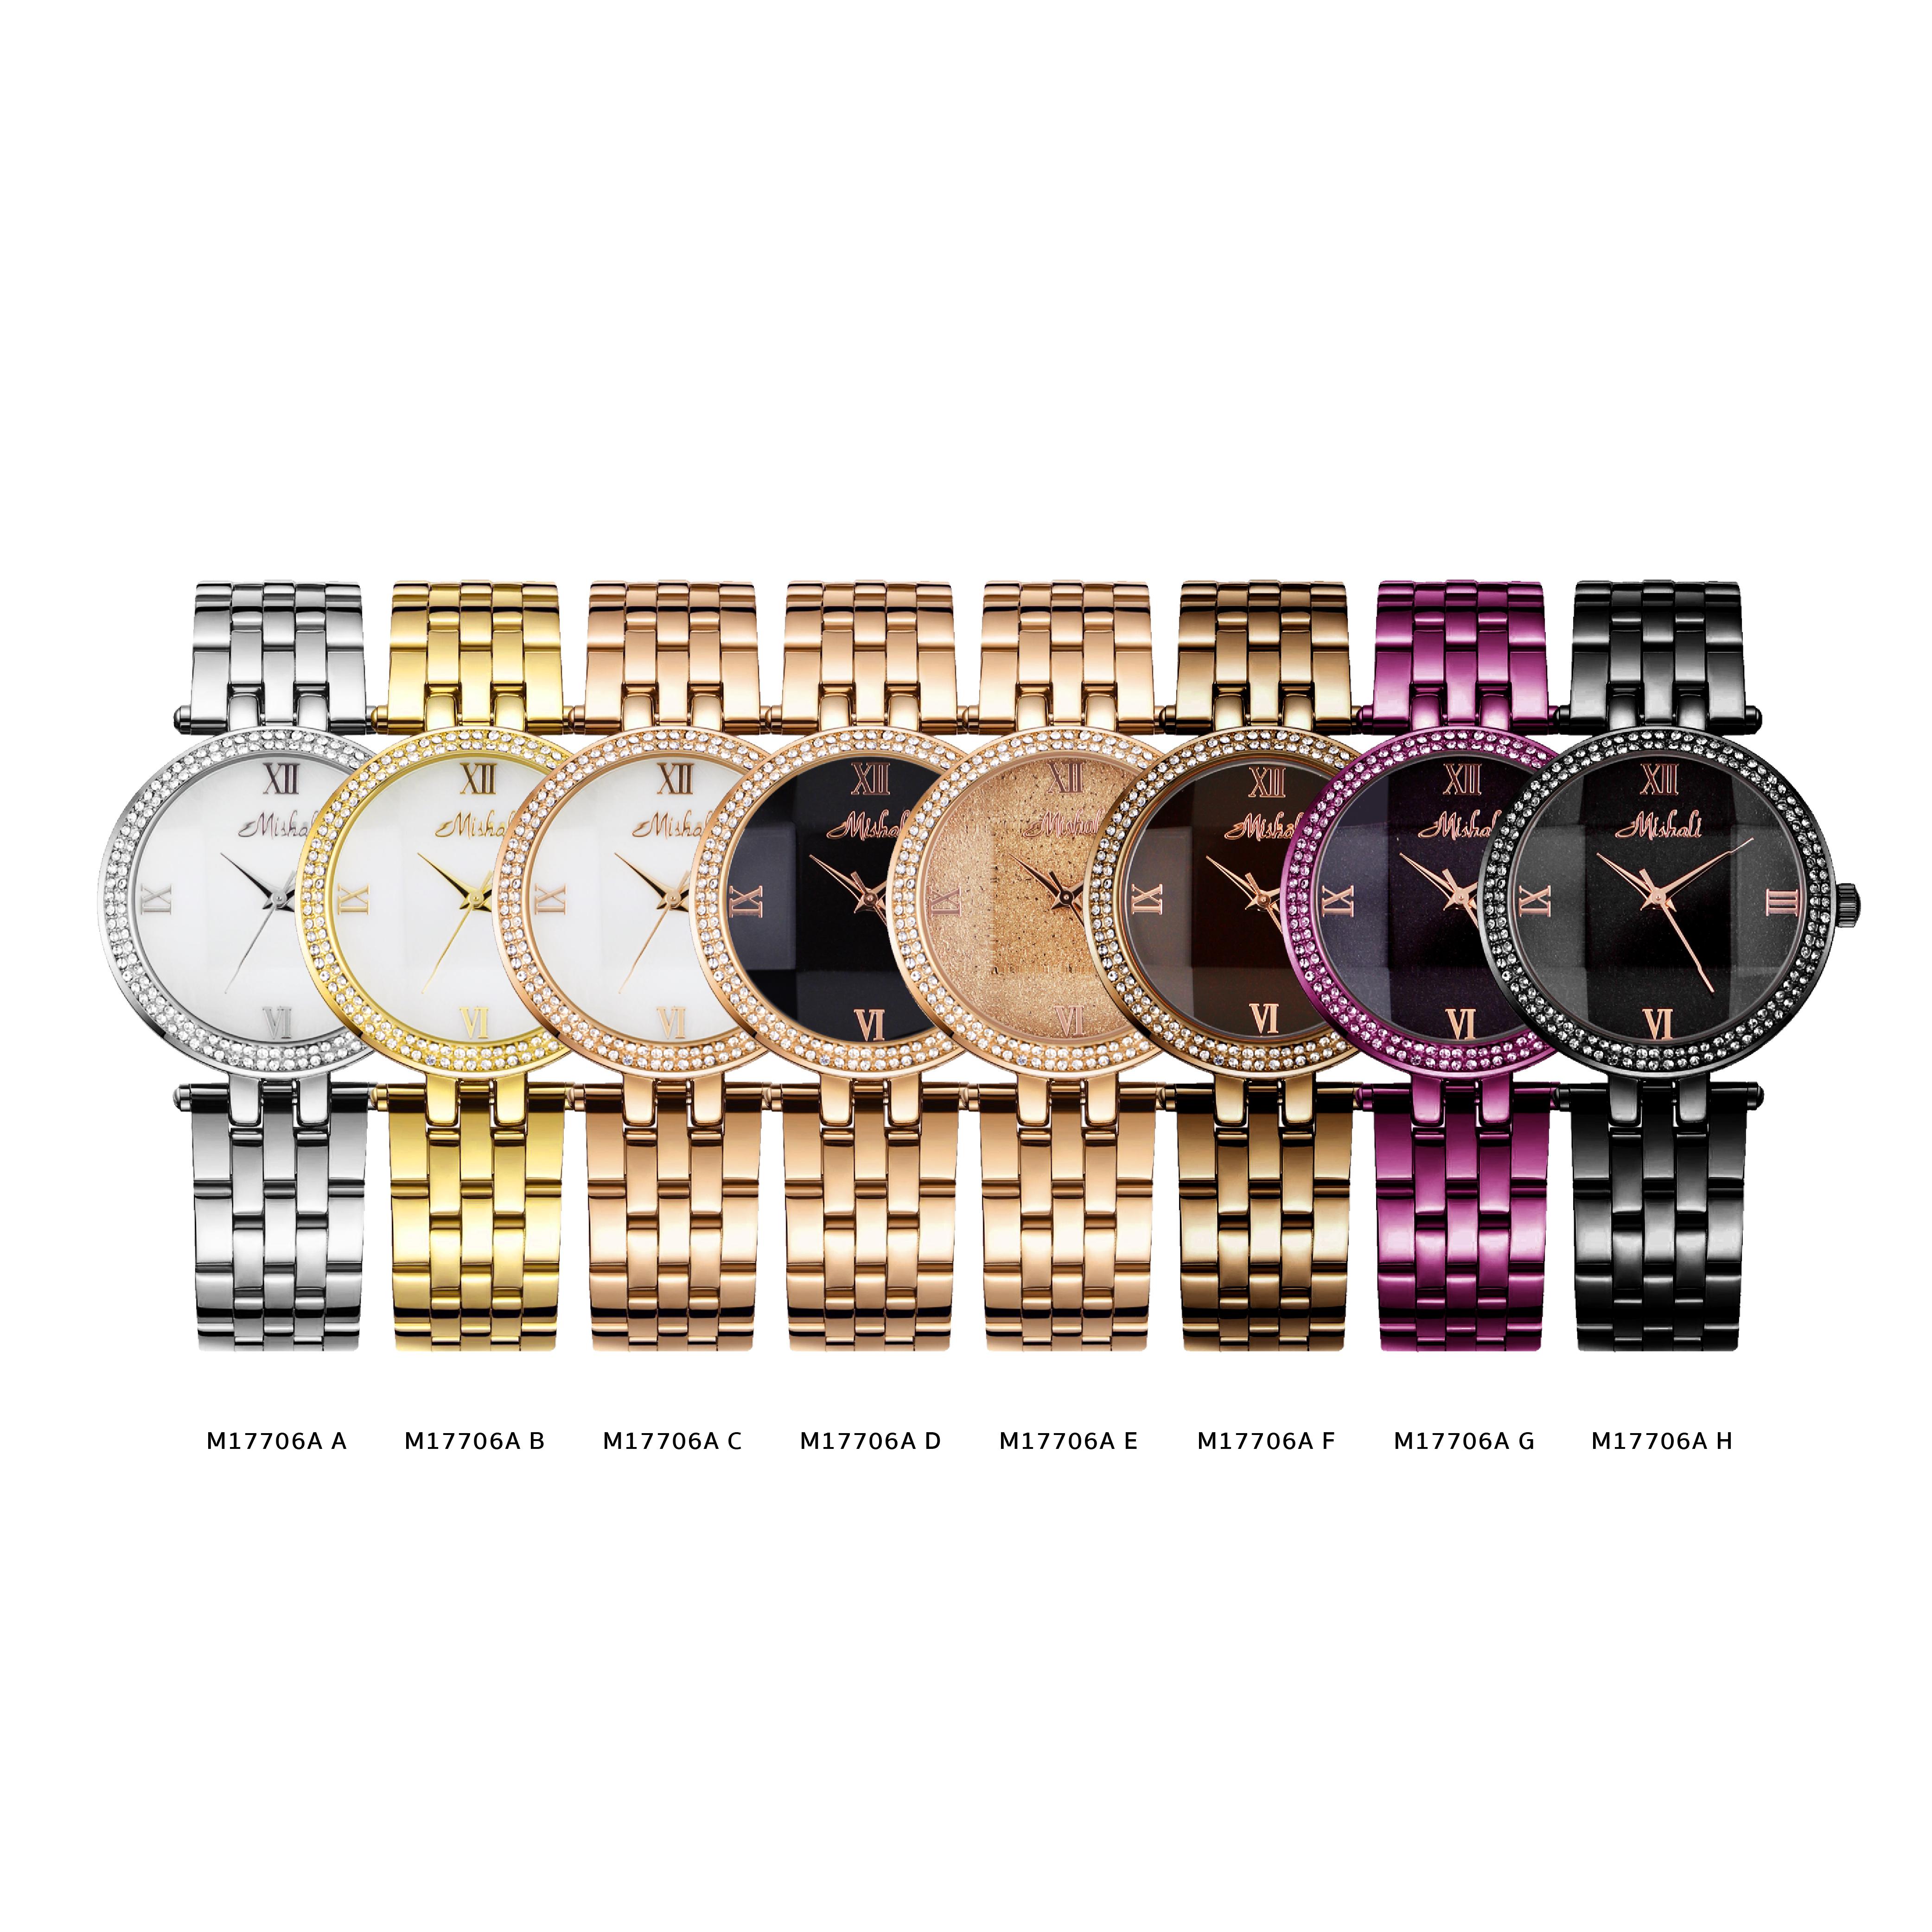 นาฬิกาข้อมือผู้หญิง MISHALI M17706A D